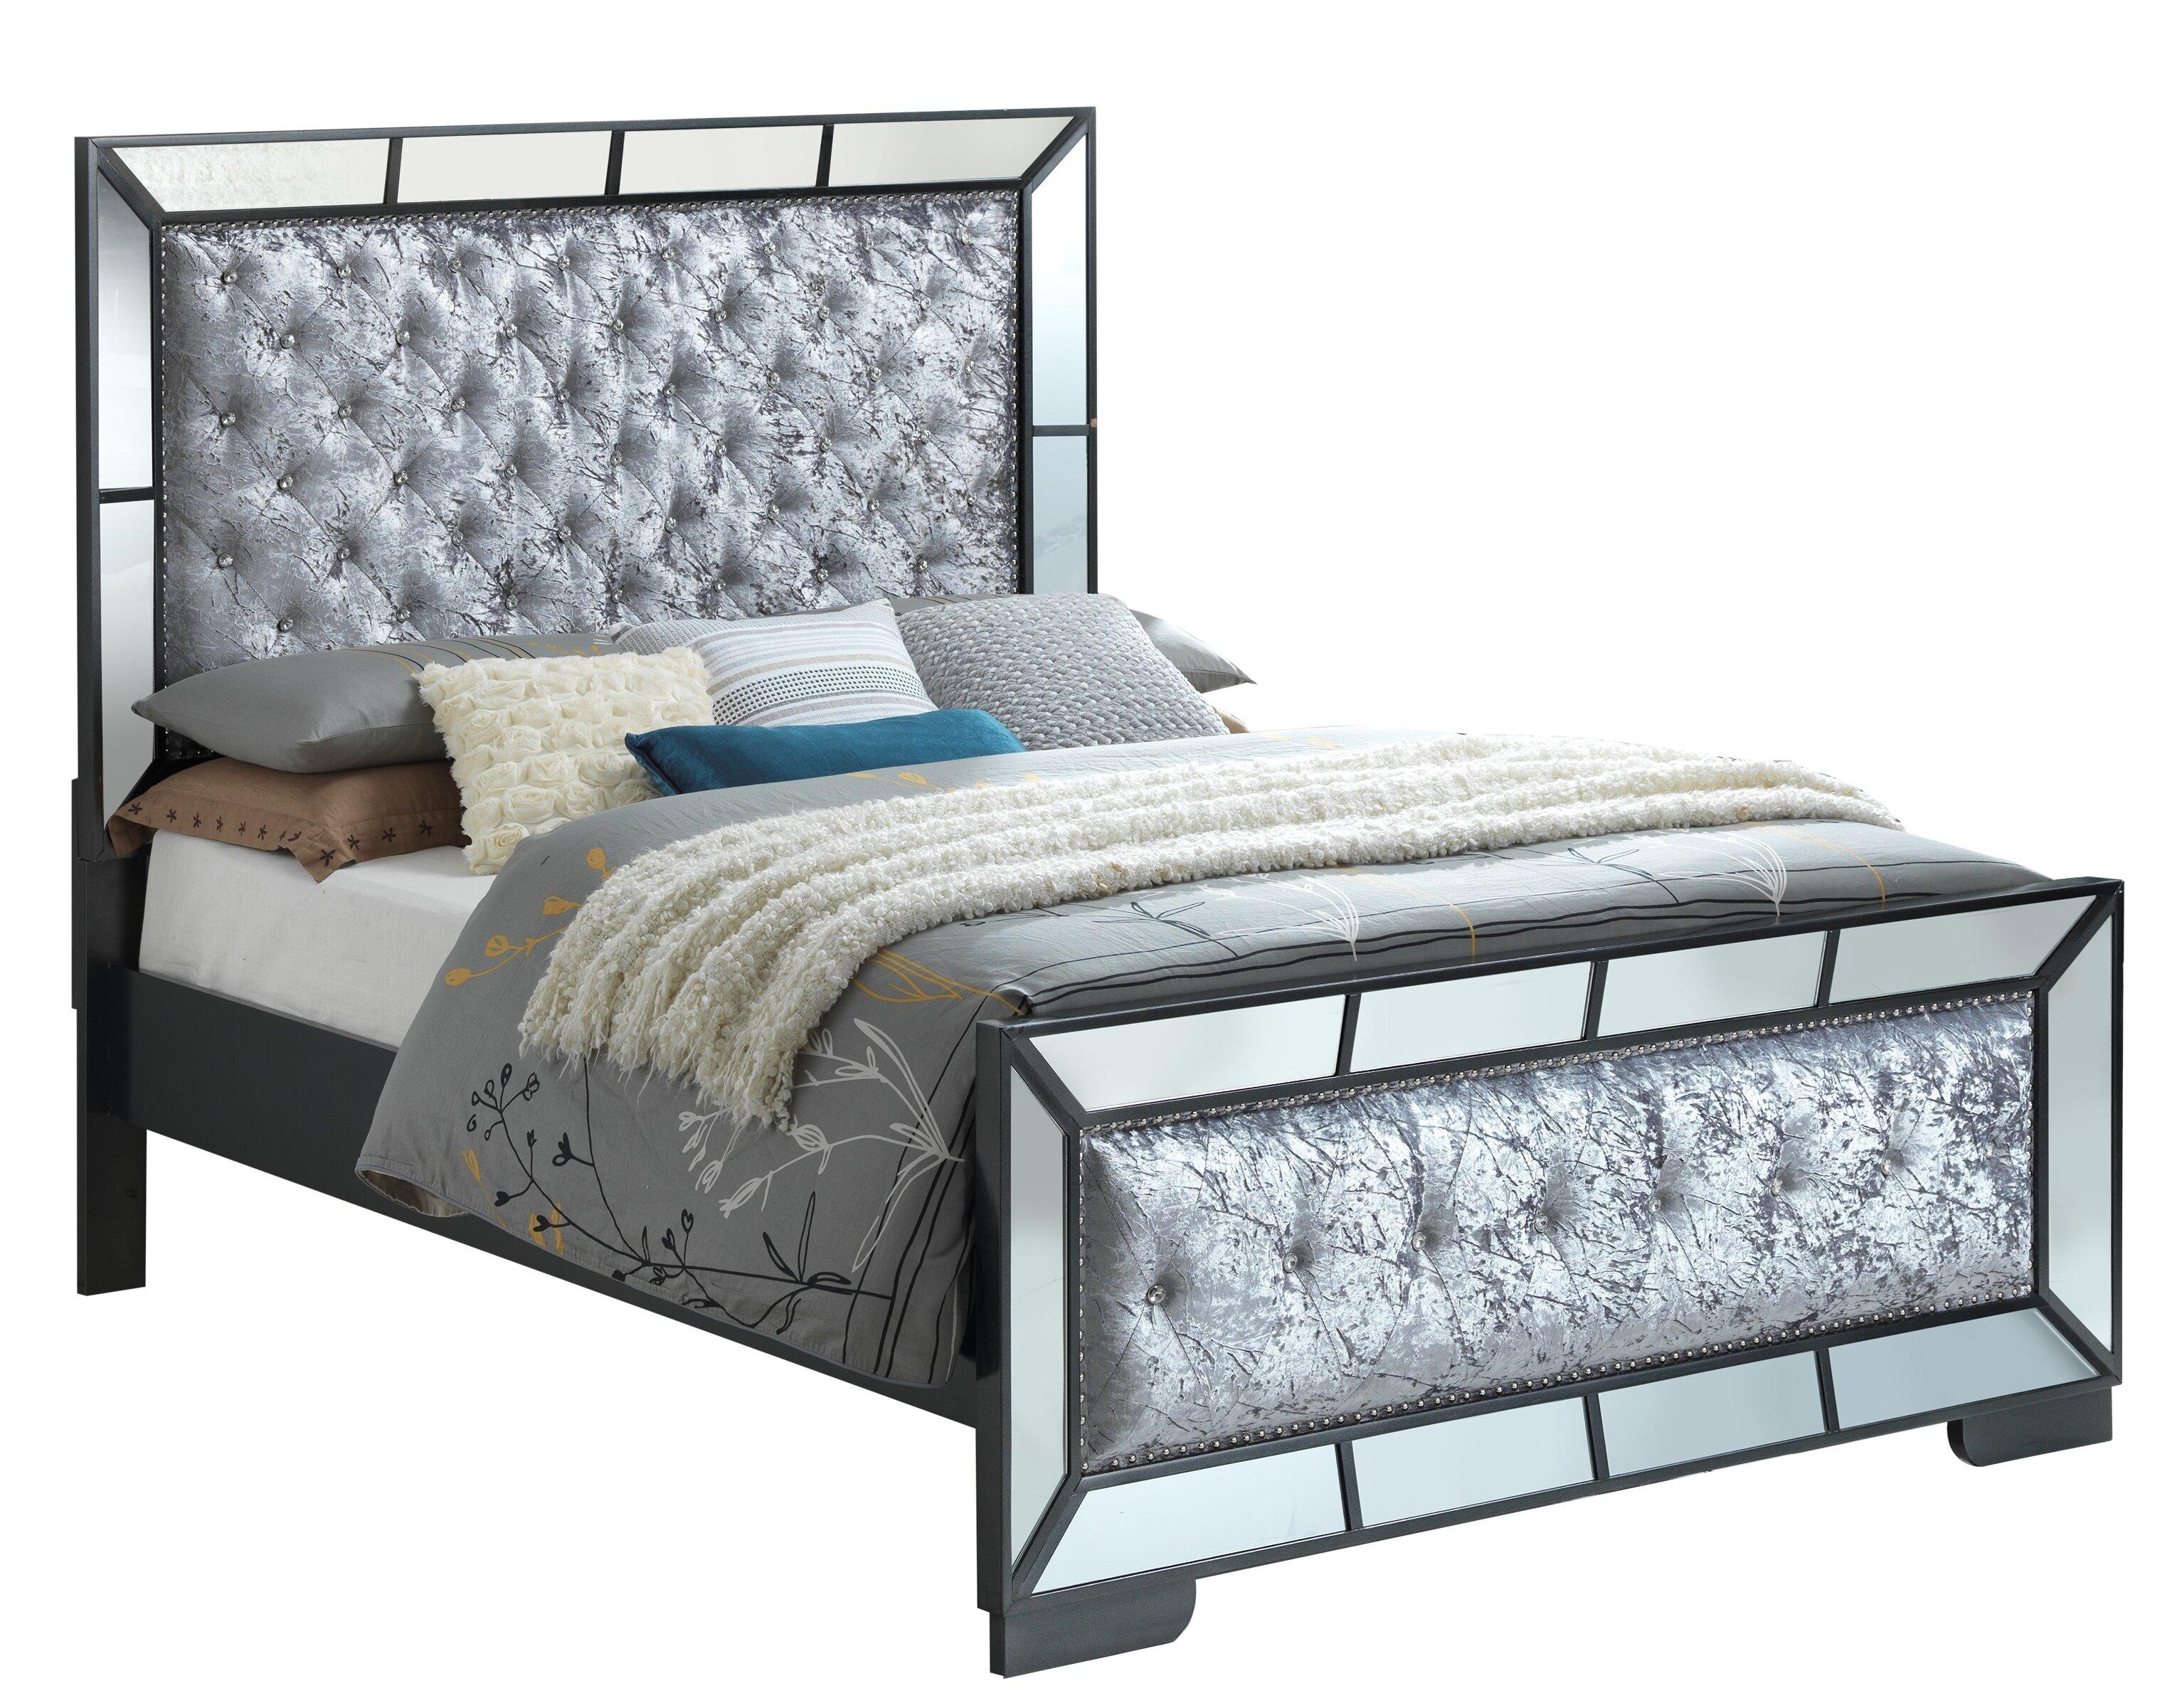 Wayfair Upholstered Panel Bed: Everly Quinn Jemma Full/Double Upholstered Panel Bed